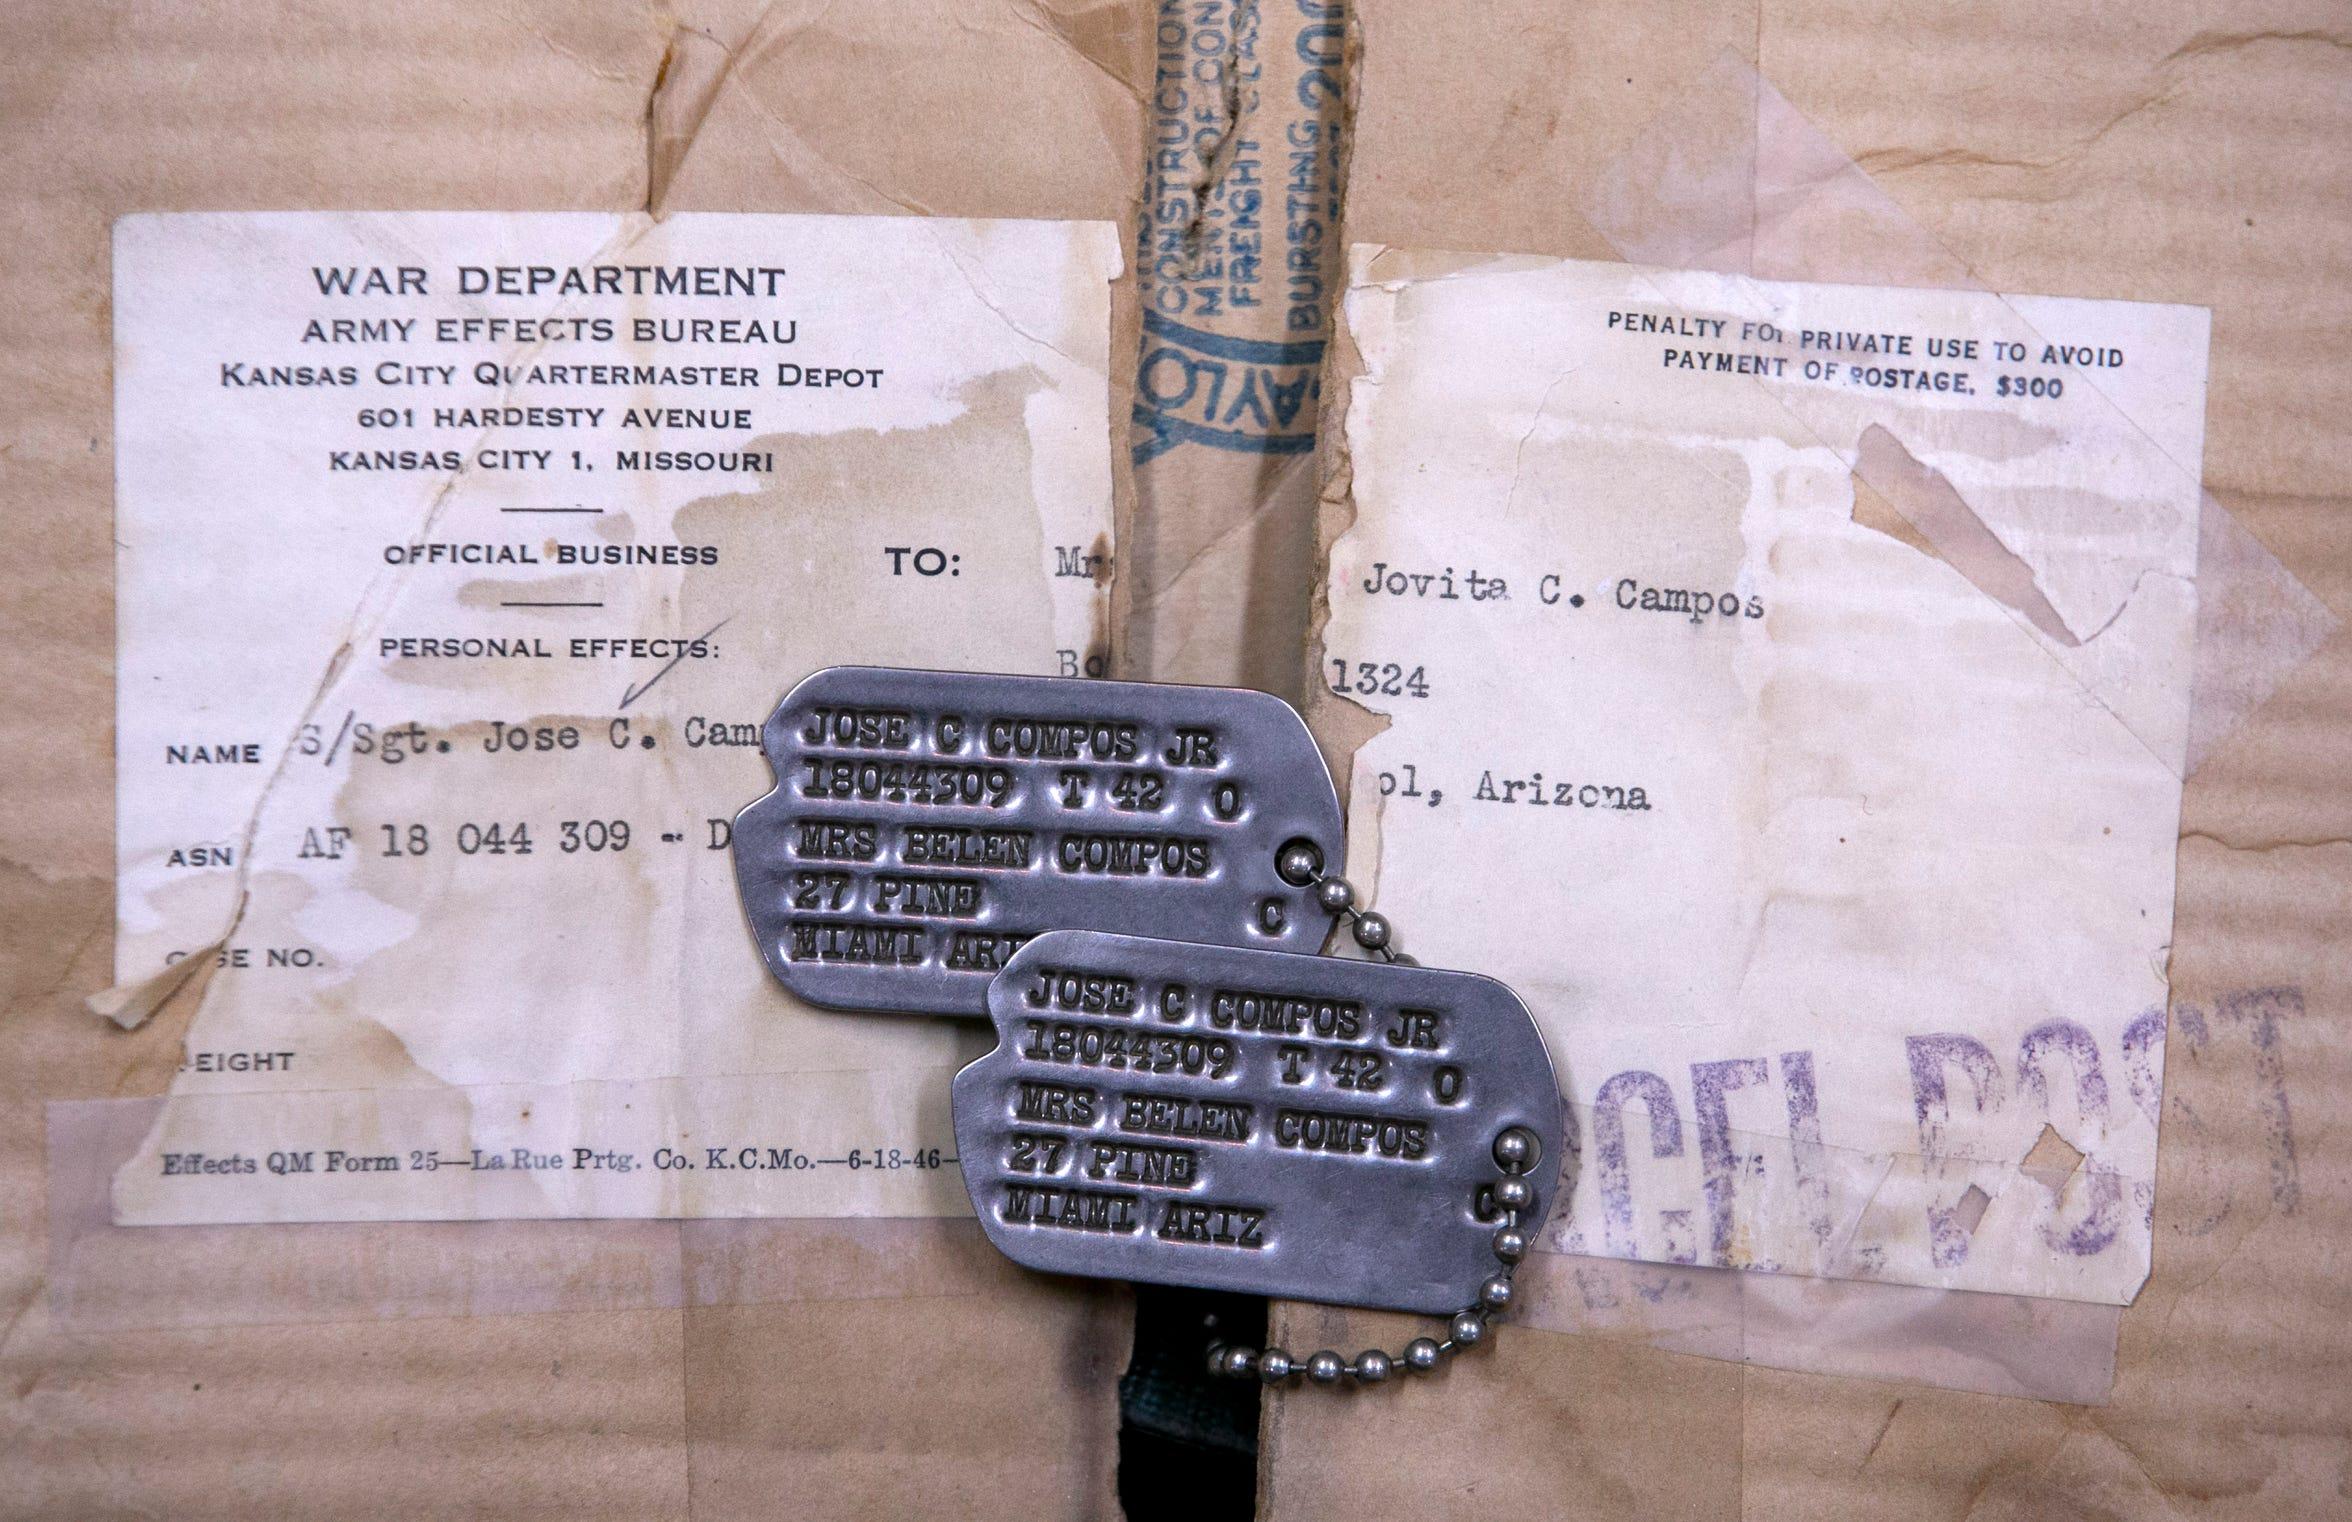 Jovita conserva los collares de metal de Joe Campos, quien sirvió para el ejército en la Segunda Guerra Mundial en 1943.